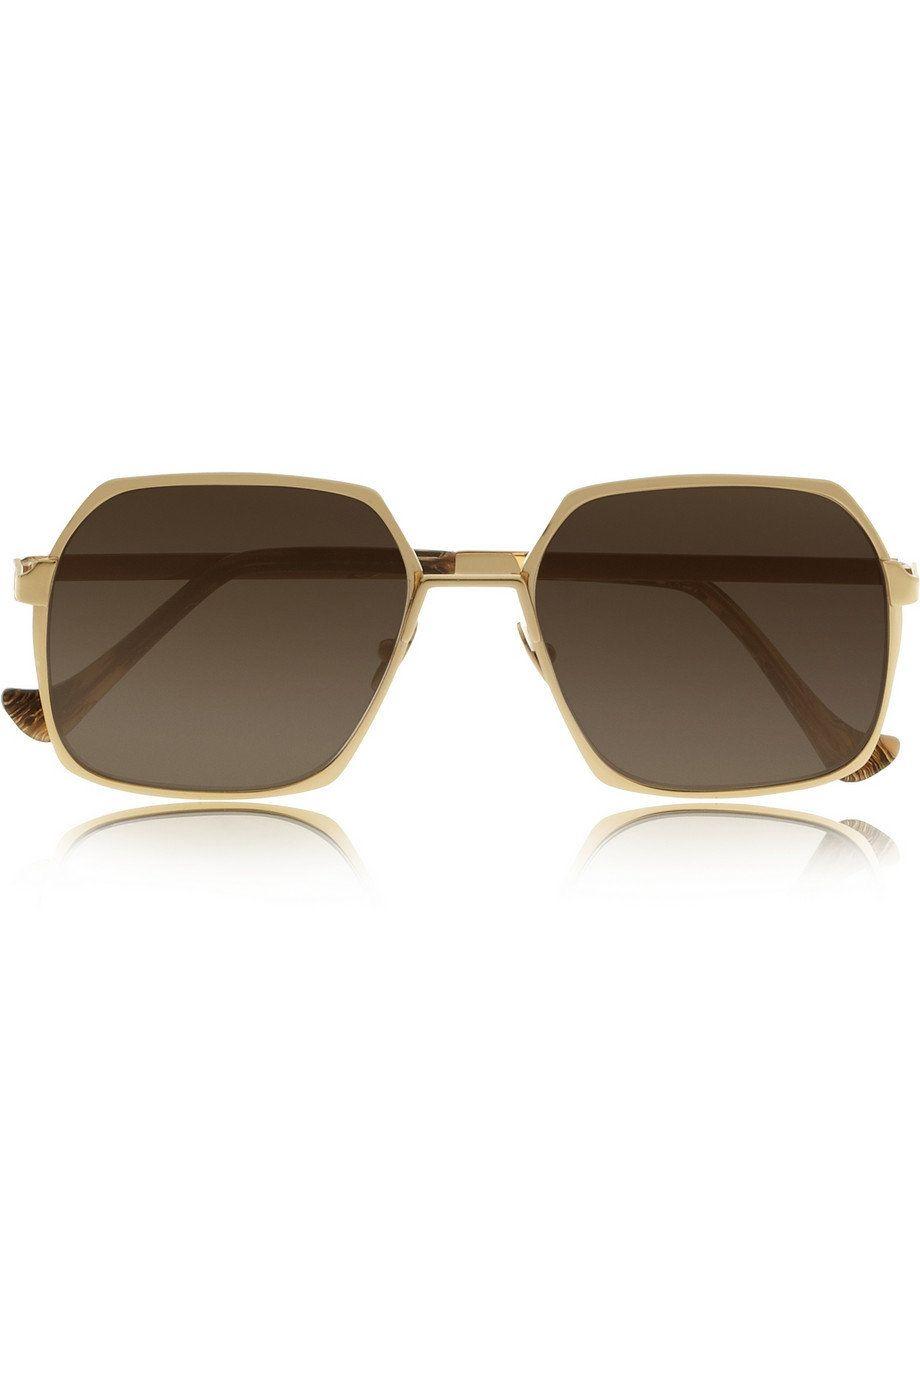 6b17fe0ce2b $580 Cutler And Gross, Net A Porter, Fashion Details, Specs, Sunnies,